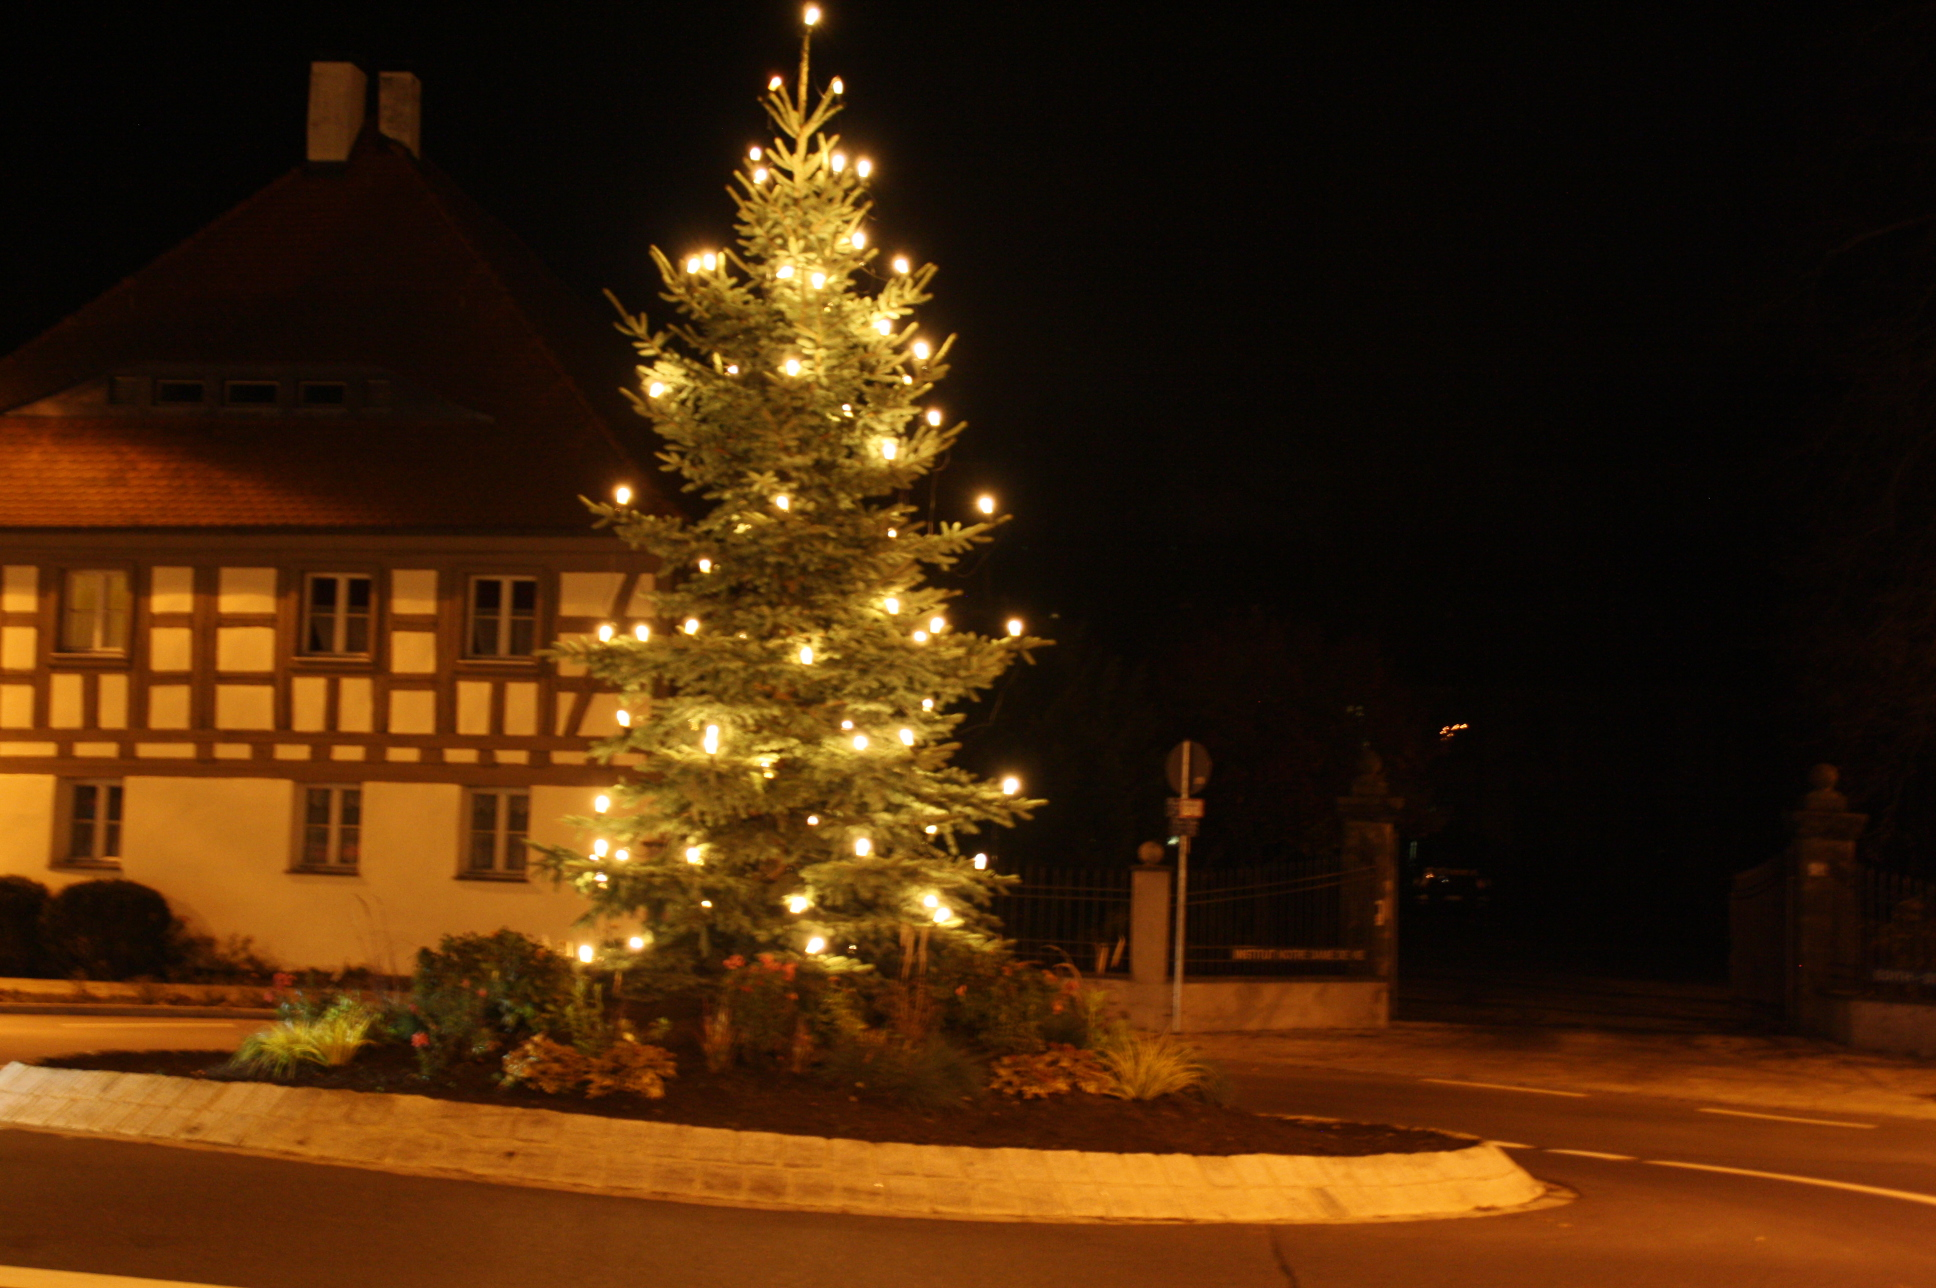 Der Weihnachtsbaum leuchtet im Kreisverkehr in Weisendorf.